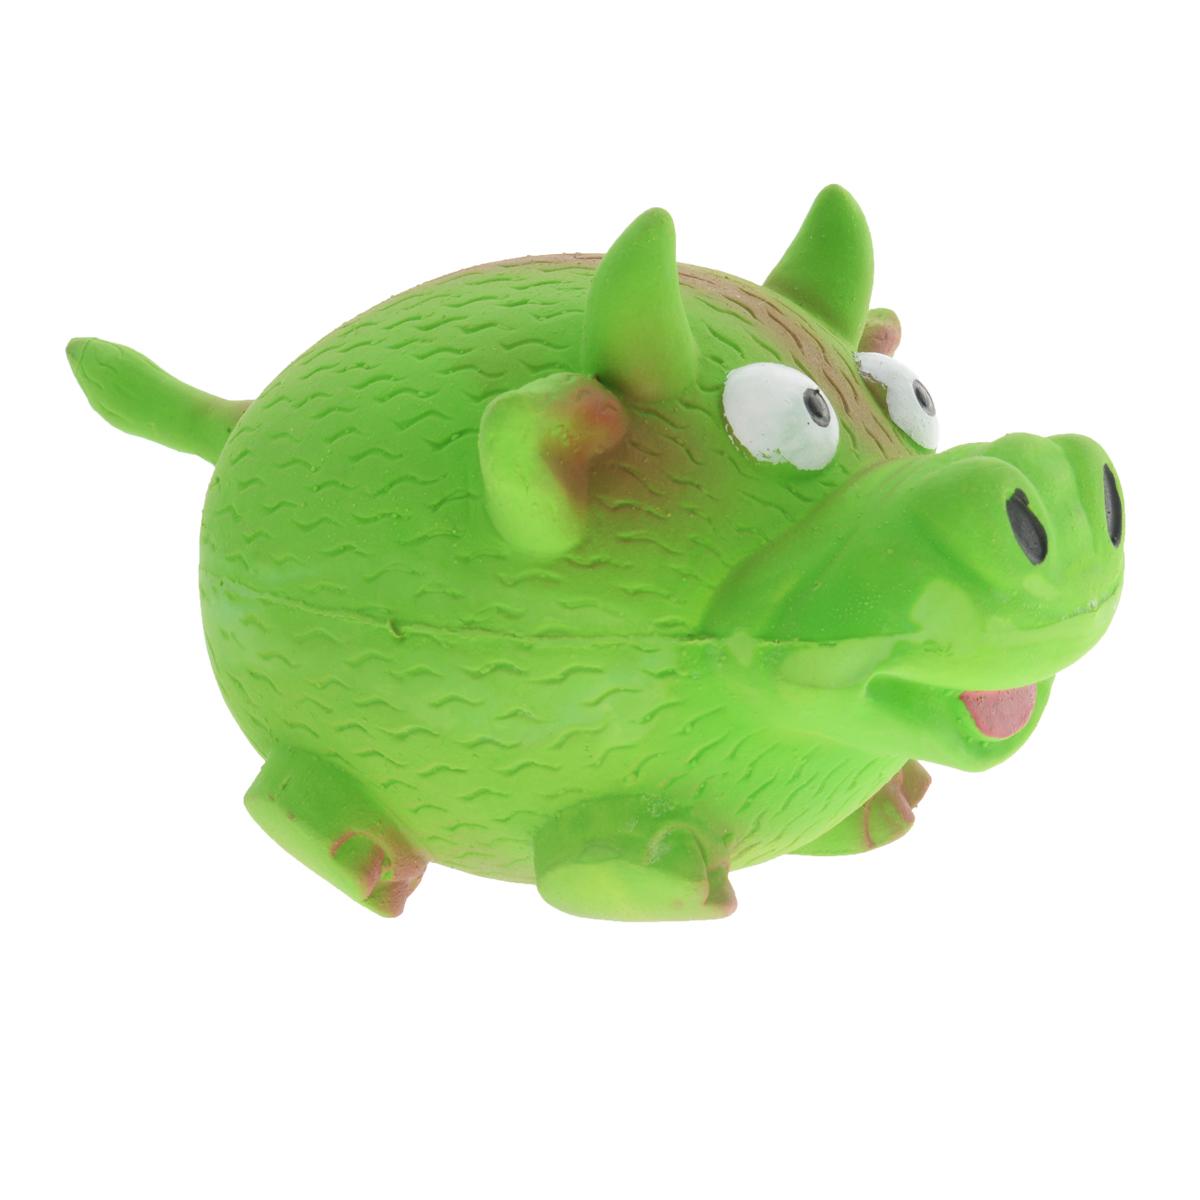 Игрушка для собак V.I.Pet Кабанчик, цвет: зеленый0120710Игрушка V.I.Pet Кабанчик изготовлена из латекса с использованием только безопасных, не токсичных красителей. Великолепно подходит для игры и массажа десен вашей собаки.Забавный кабанчик при надавливании или захвате пастью пищит. Такая игрушка порадует вашего любимца, а вам доставит массу приятных эмоций, ведь наблюдать за игрой всегда интересно и приятно. Оставшись в одиночестве, ваша собака будет увлеченно играть в эту игрушку.